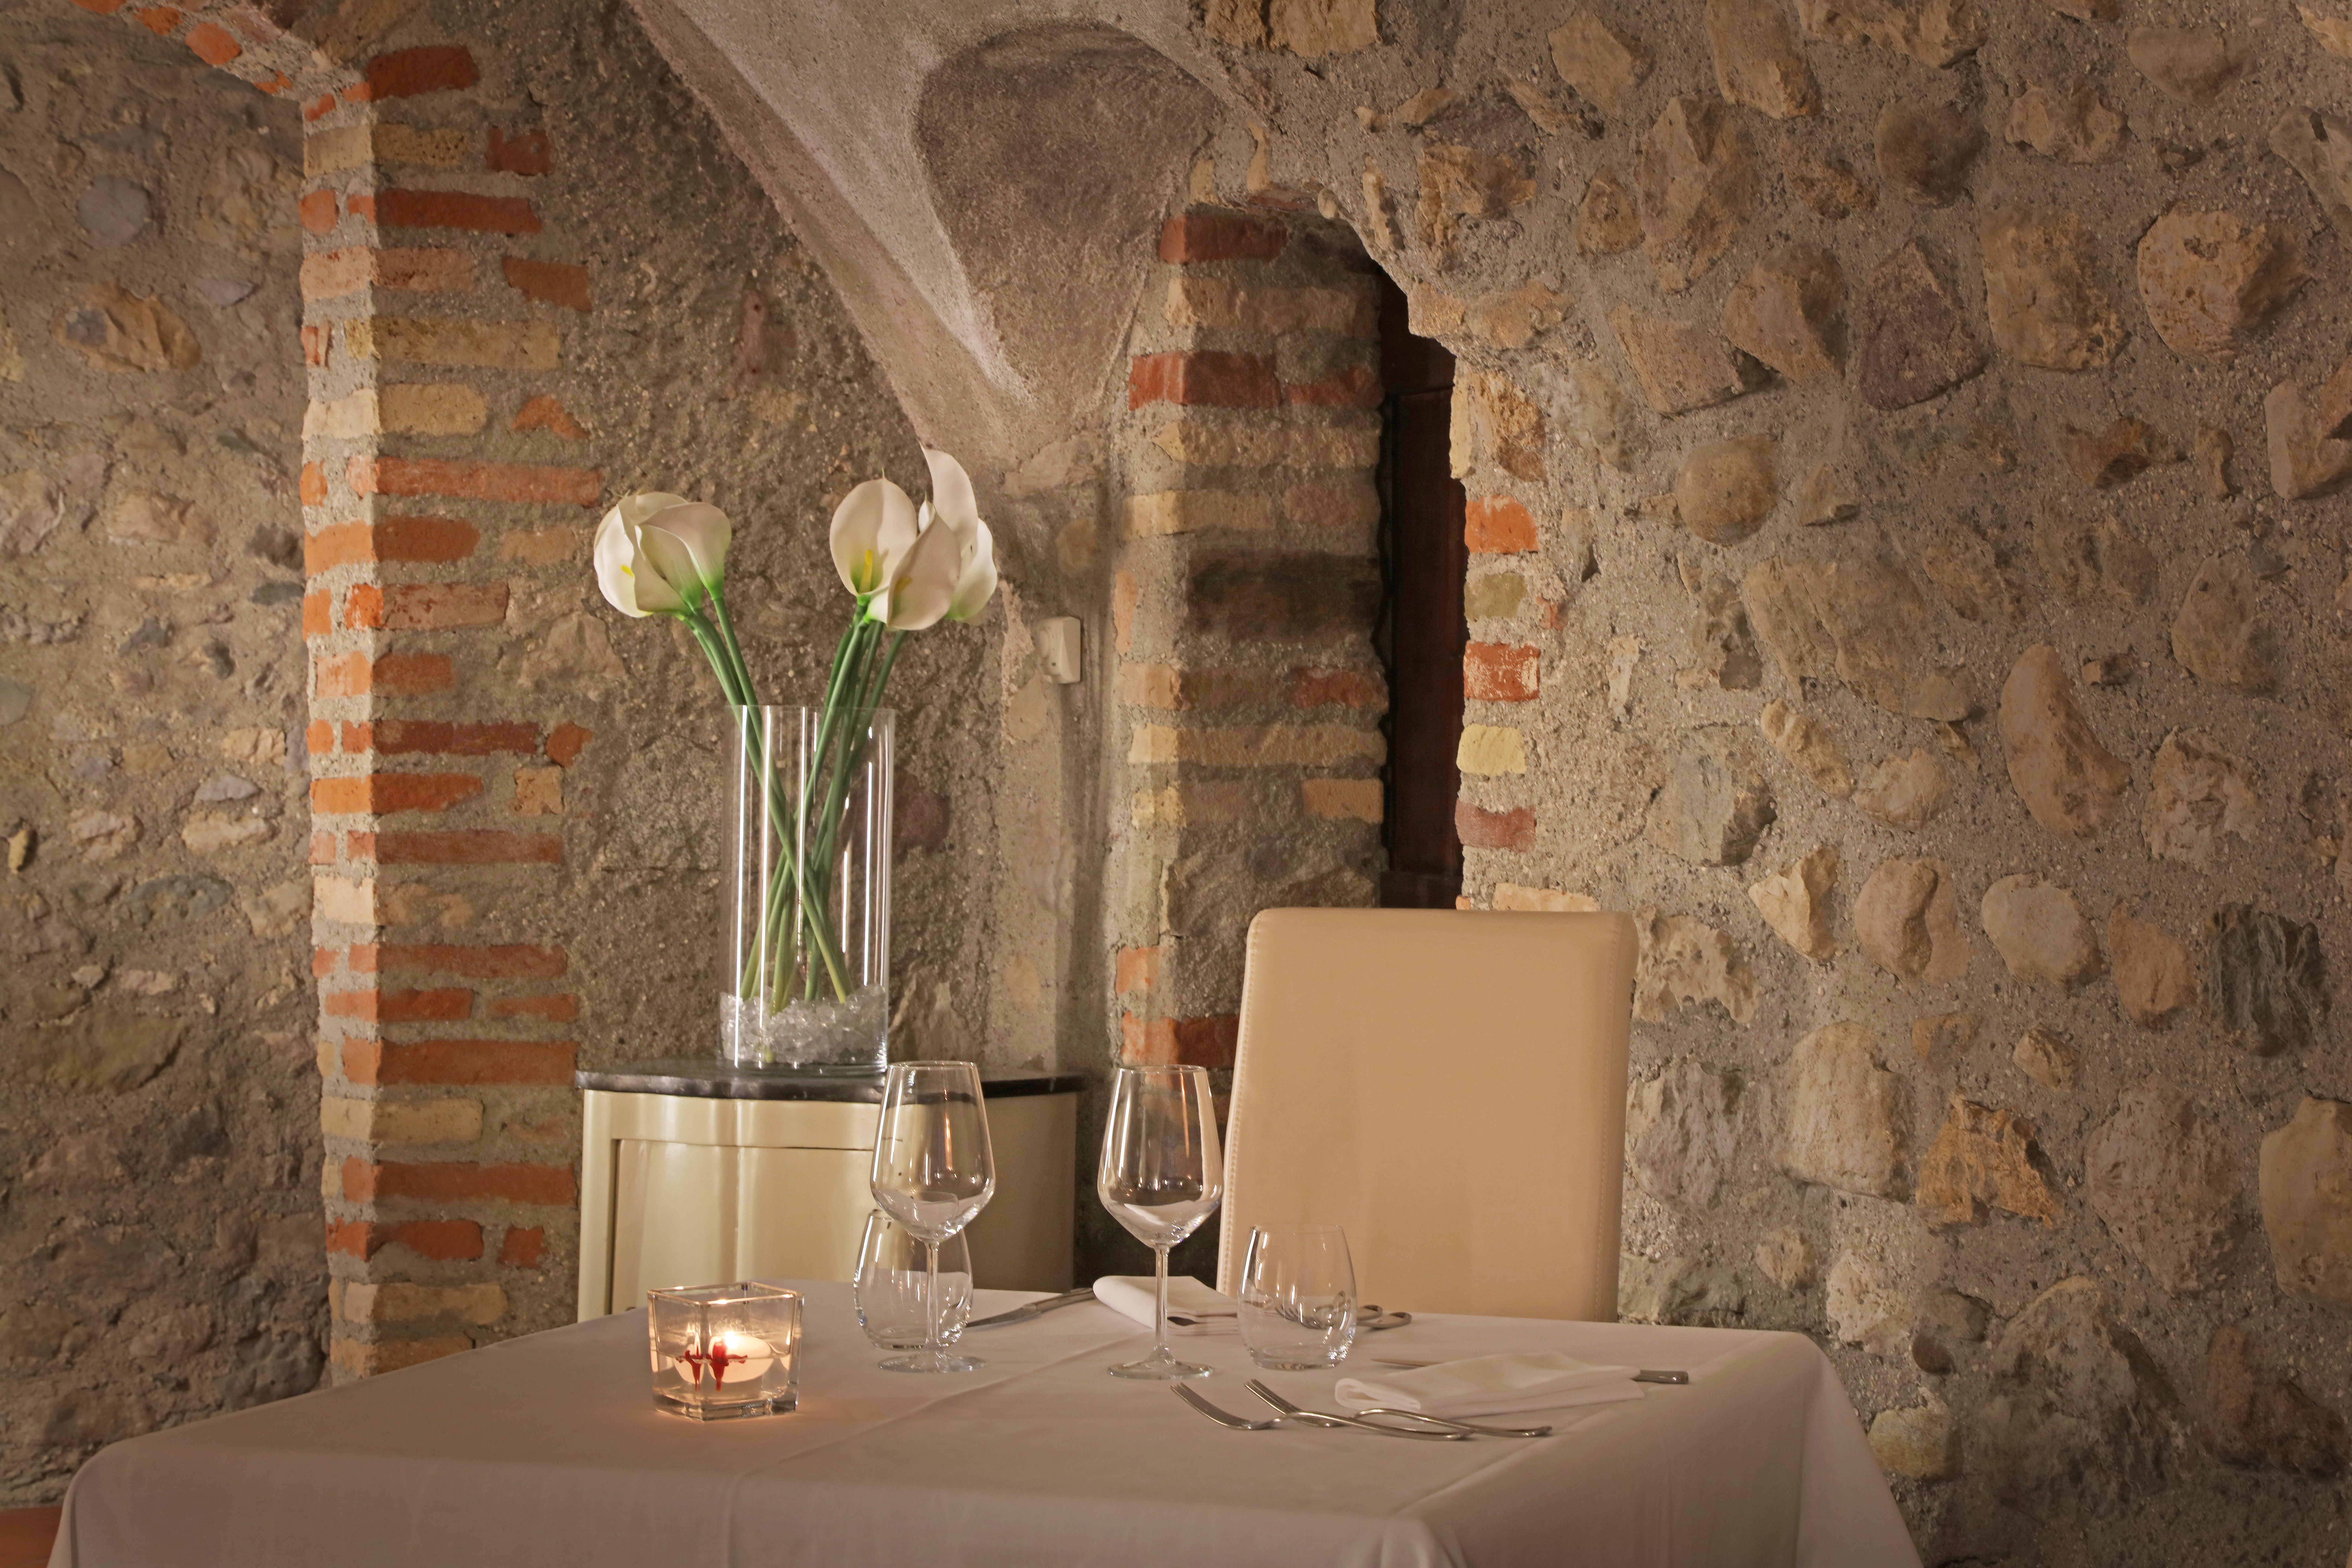 tavolo del ristorante san rocco